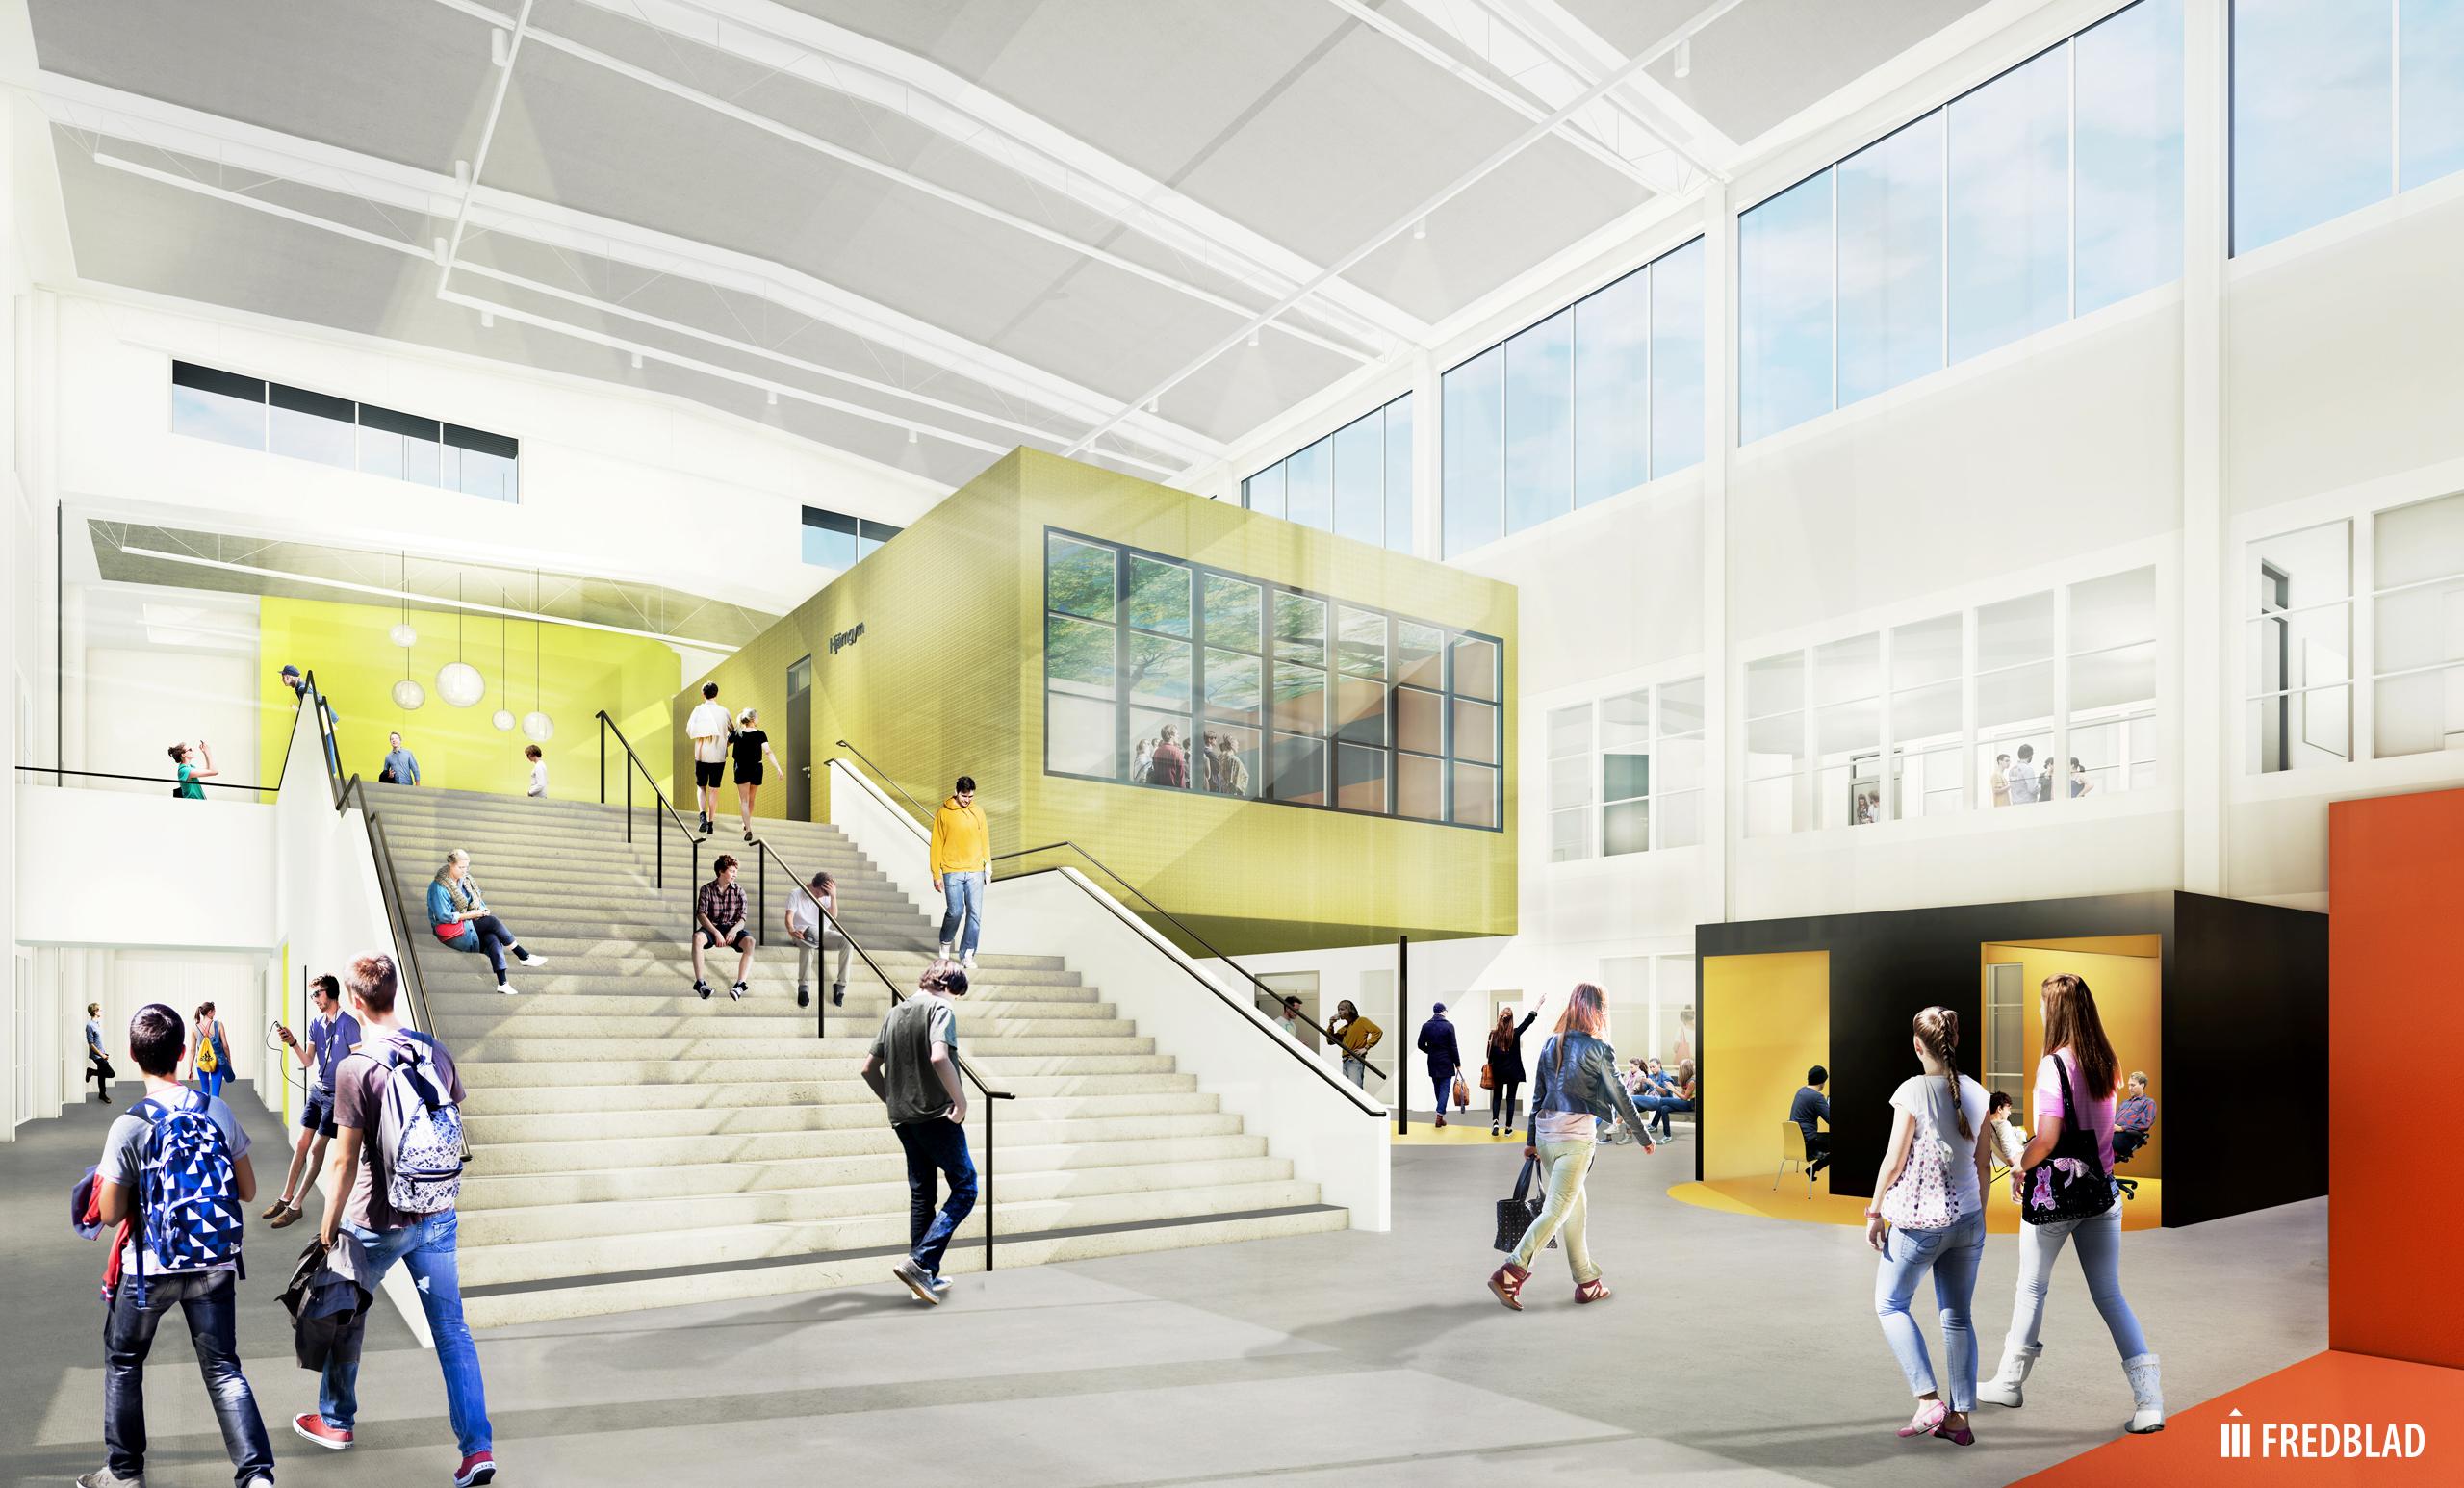 Arkitektbilden visar ritningarna på entrén på den nya skolan som ska stå klar 2020. Bild: Fredblad arkitekter